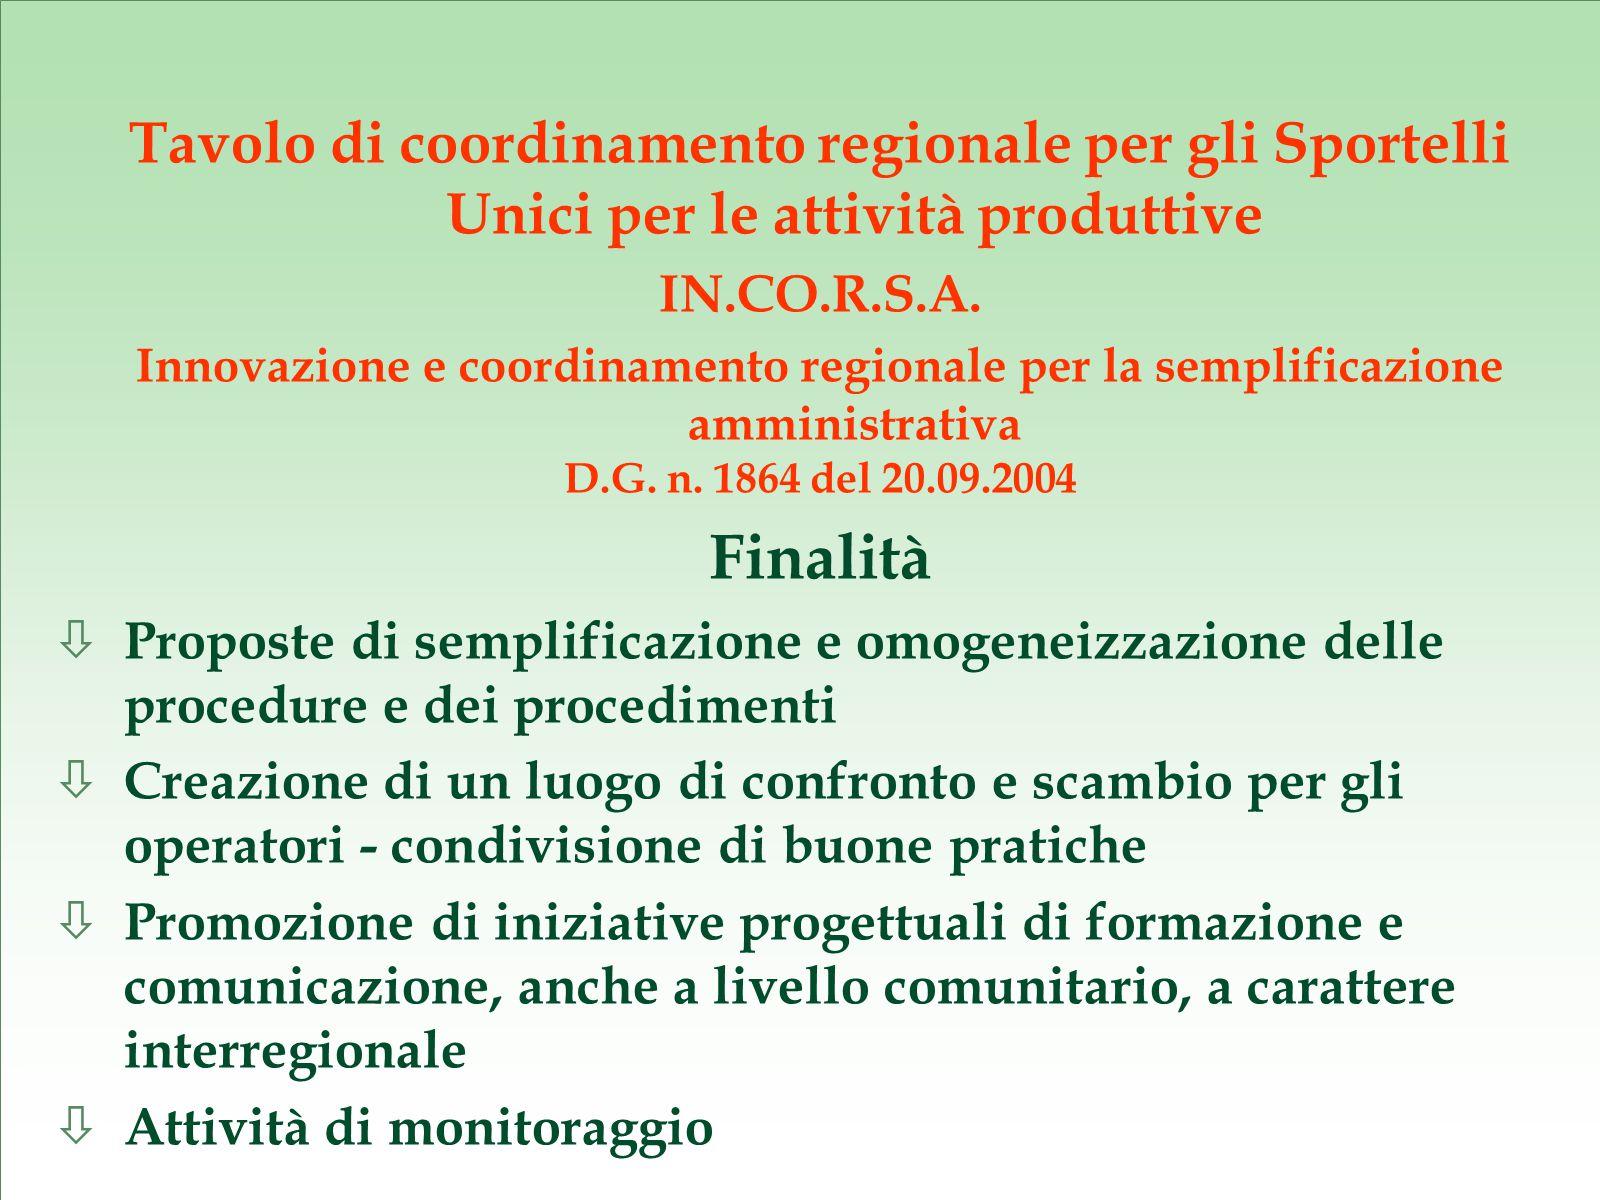 Tavolo di coordinamento regionale per gli Sportelli Unici per le attività produttive IN.CO.R.S.A.